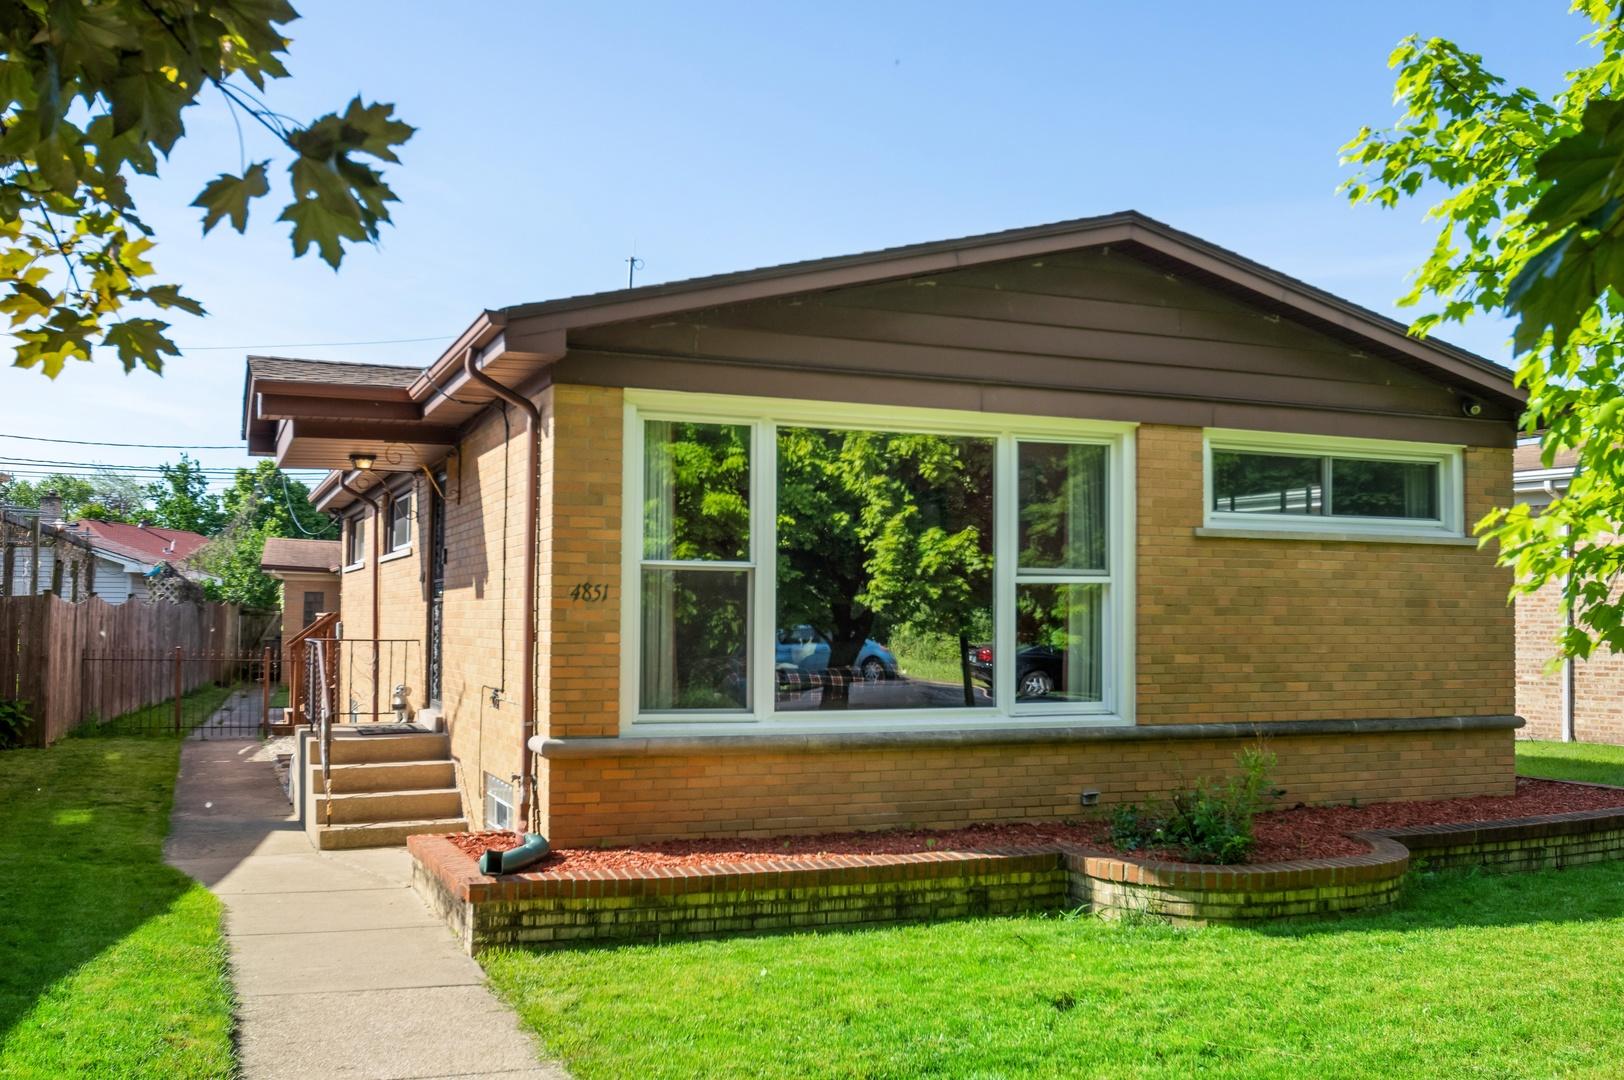 4851 W BRYN MAWR Exterior Photo